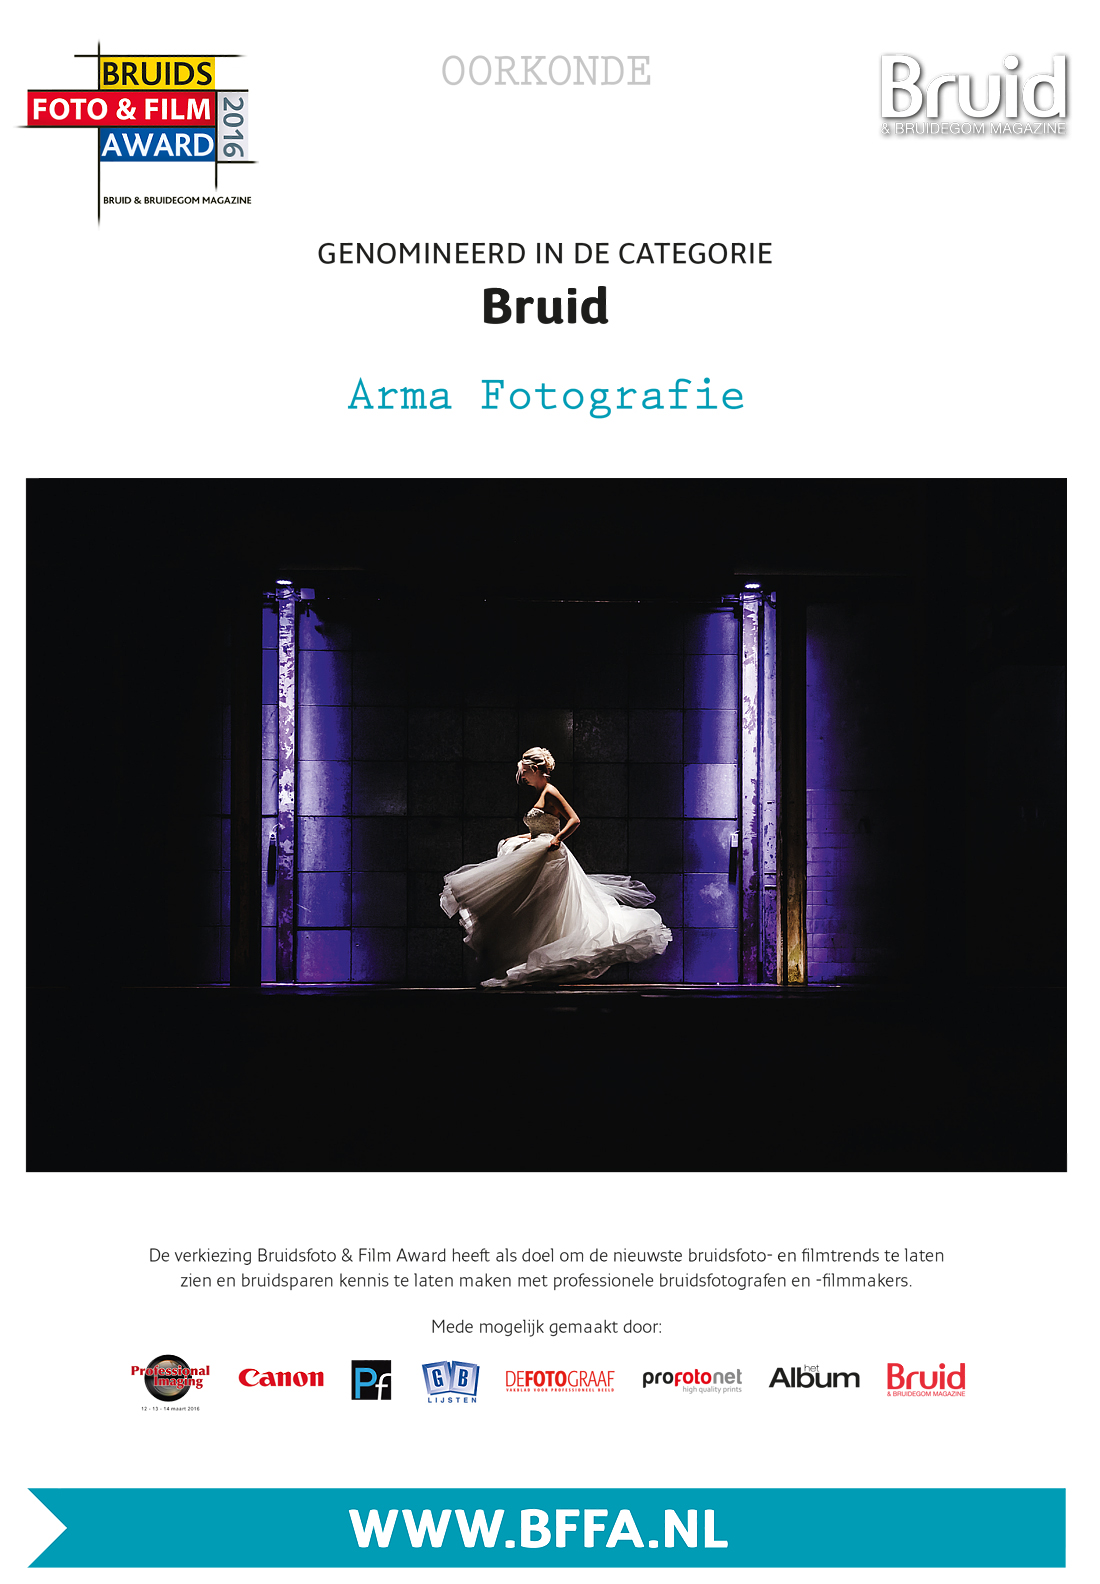 Bruidsfoto award 2016